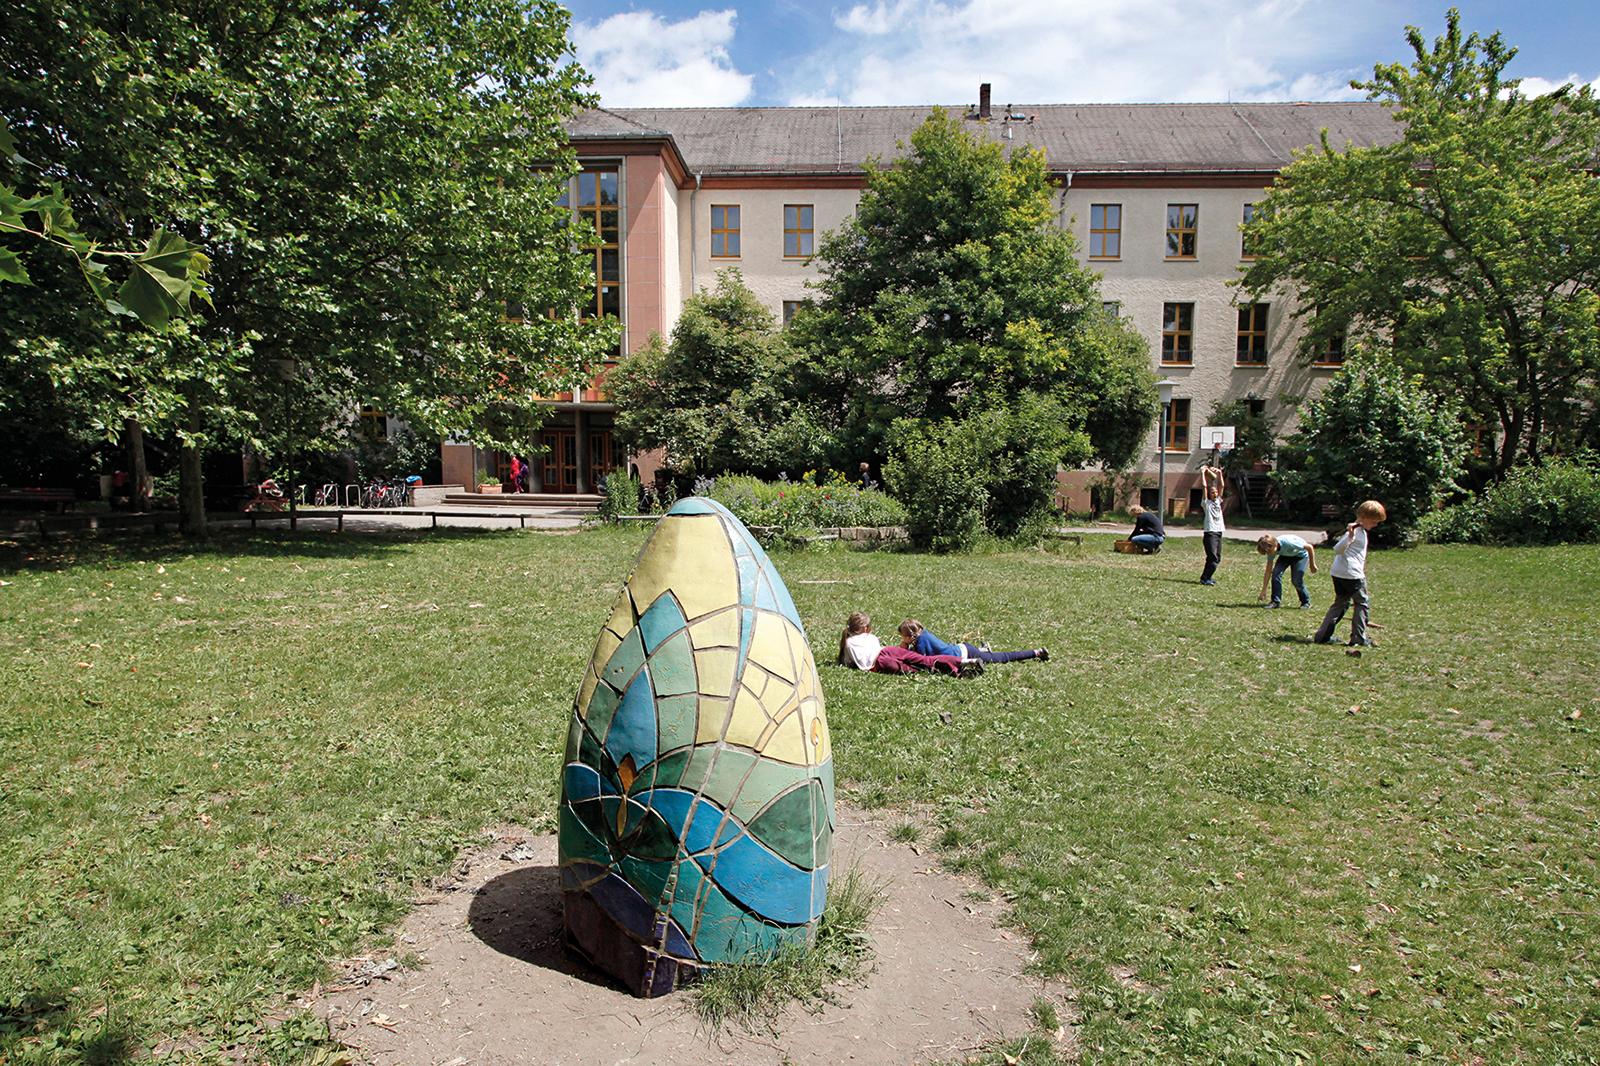 Waldorfschule Leipzig Garten, Veranstaltungsort Campus Mitte-Ost